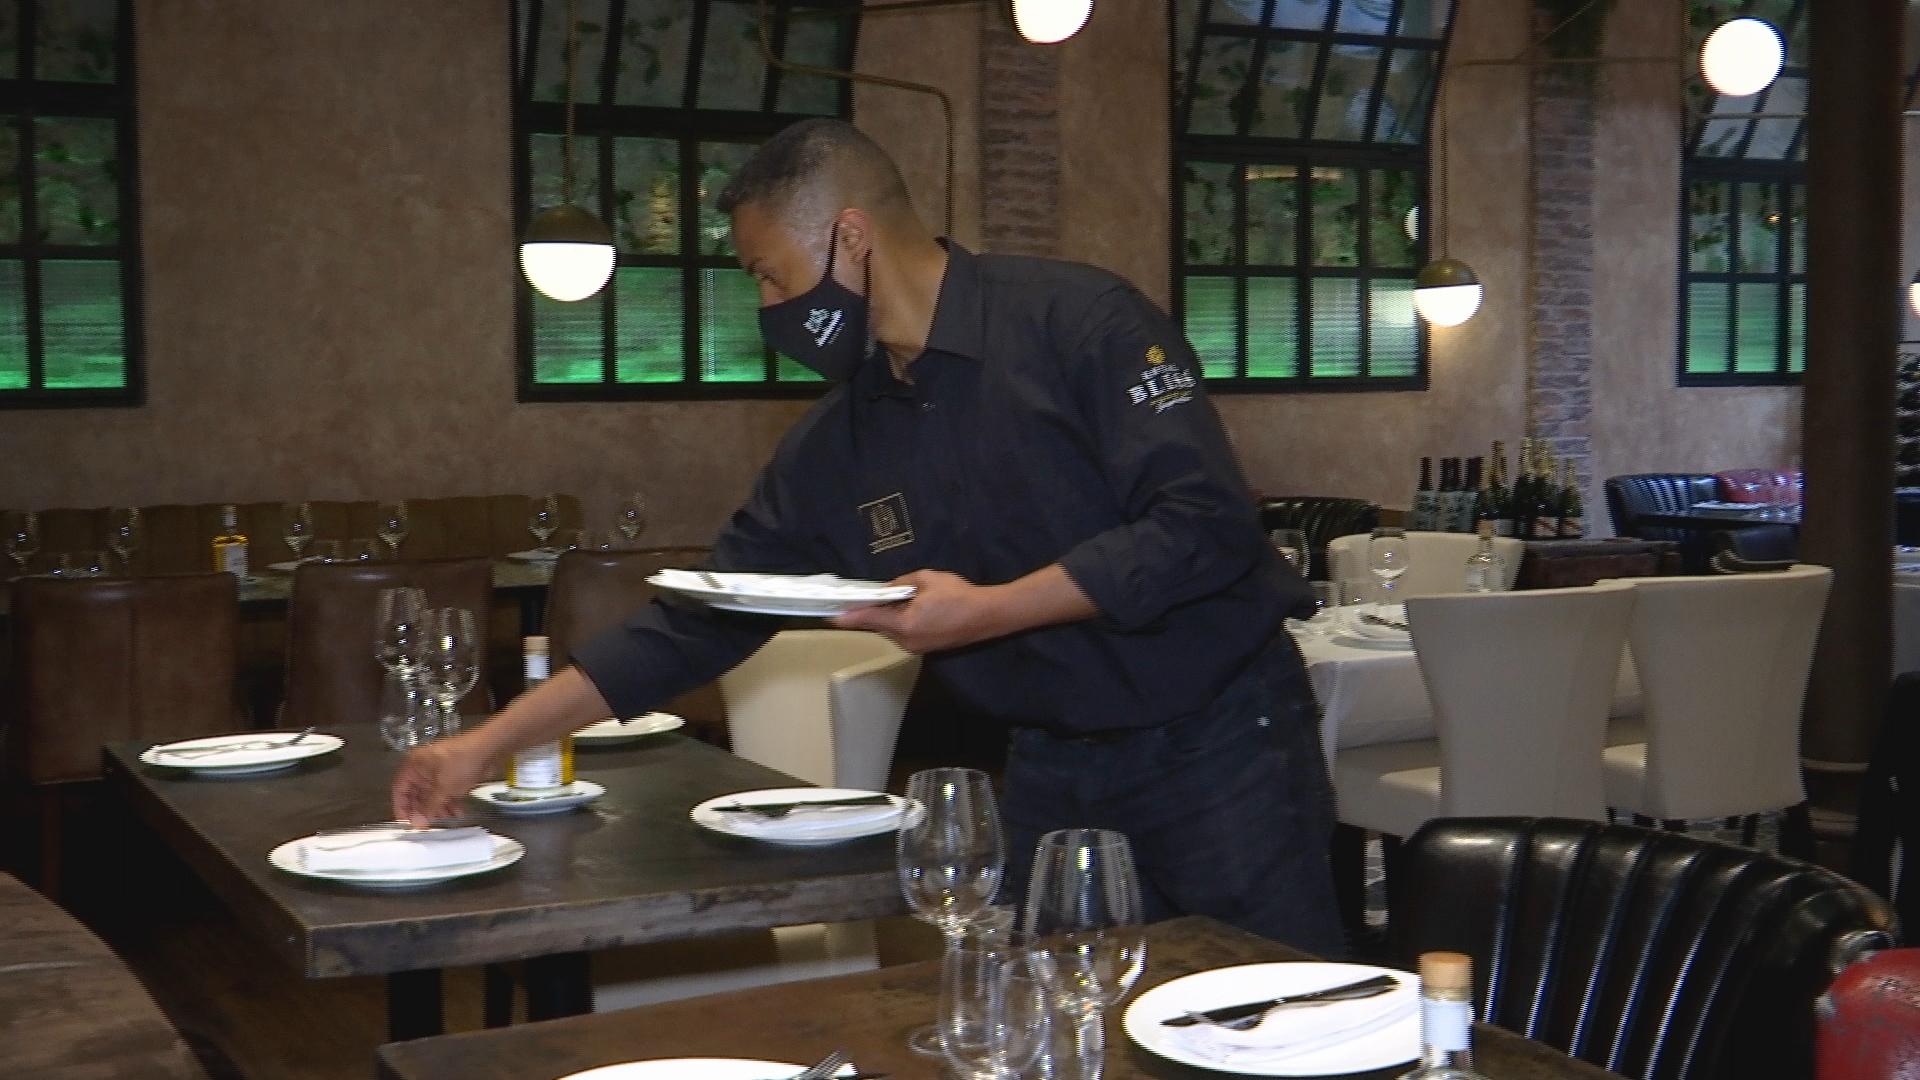 restaurants tornen a servir sopars